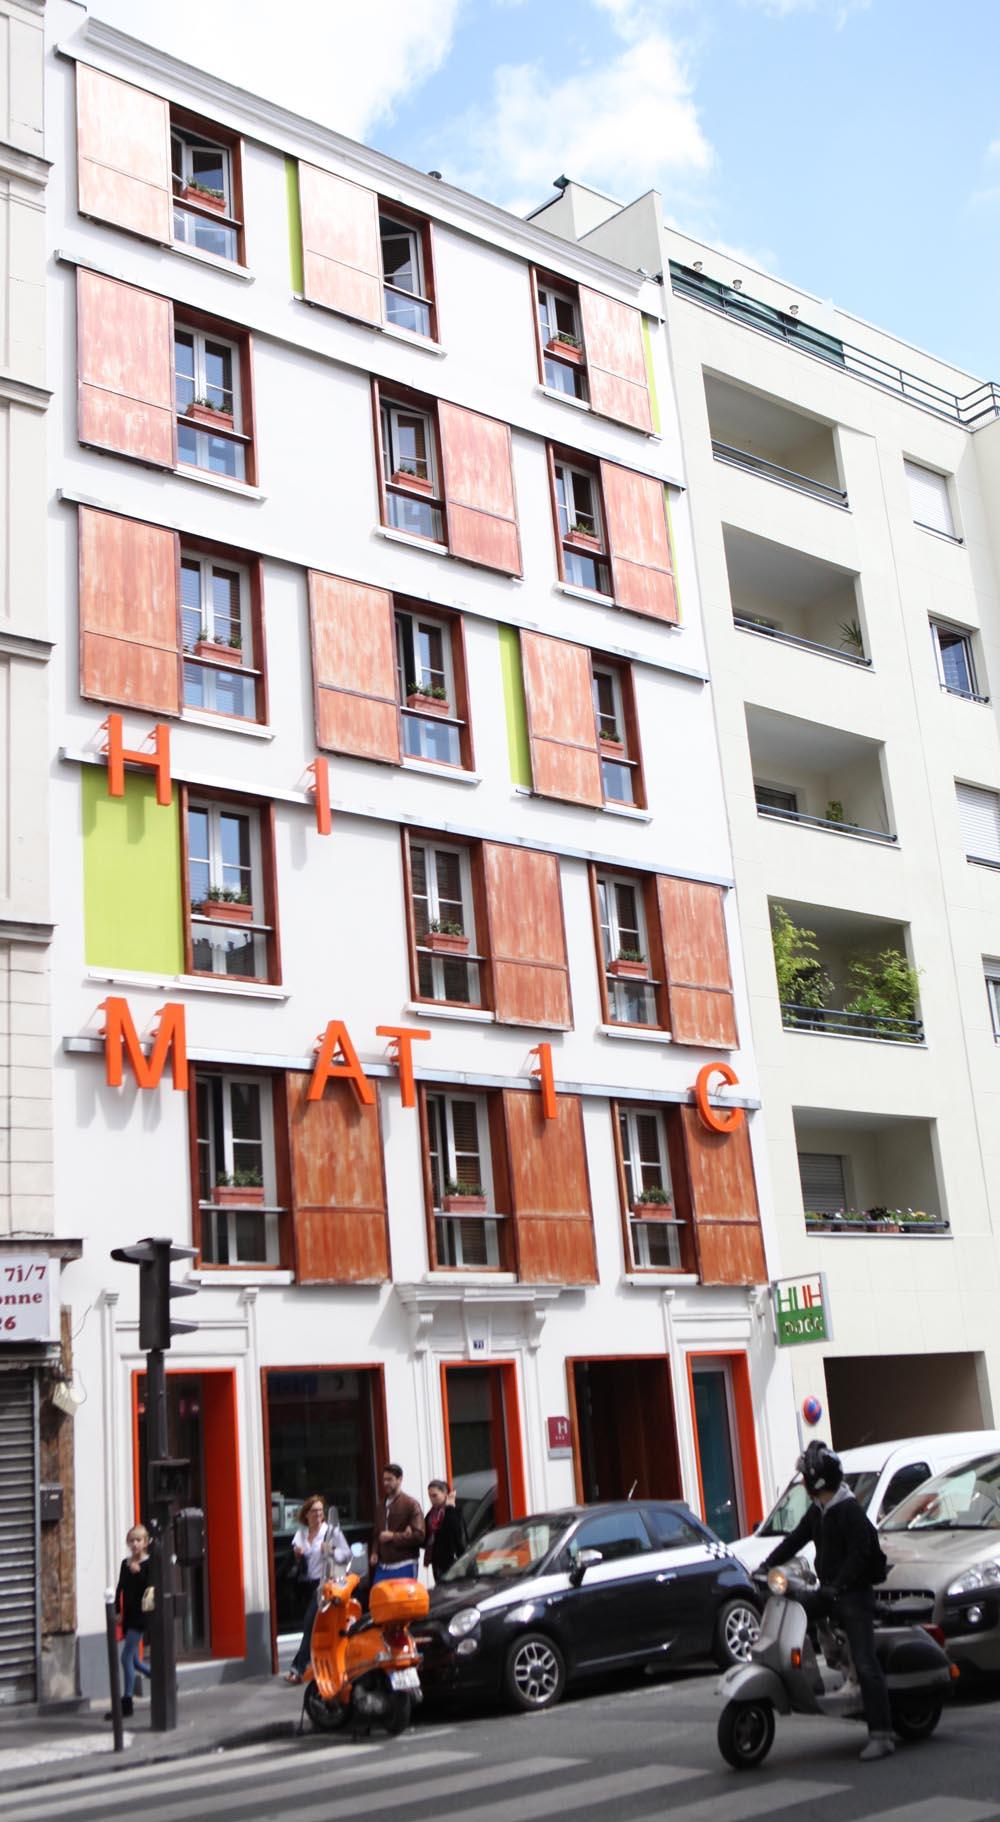 smartvolta-volta-smart-places-hi-mat-paris1a_96